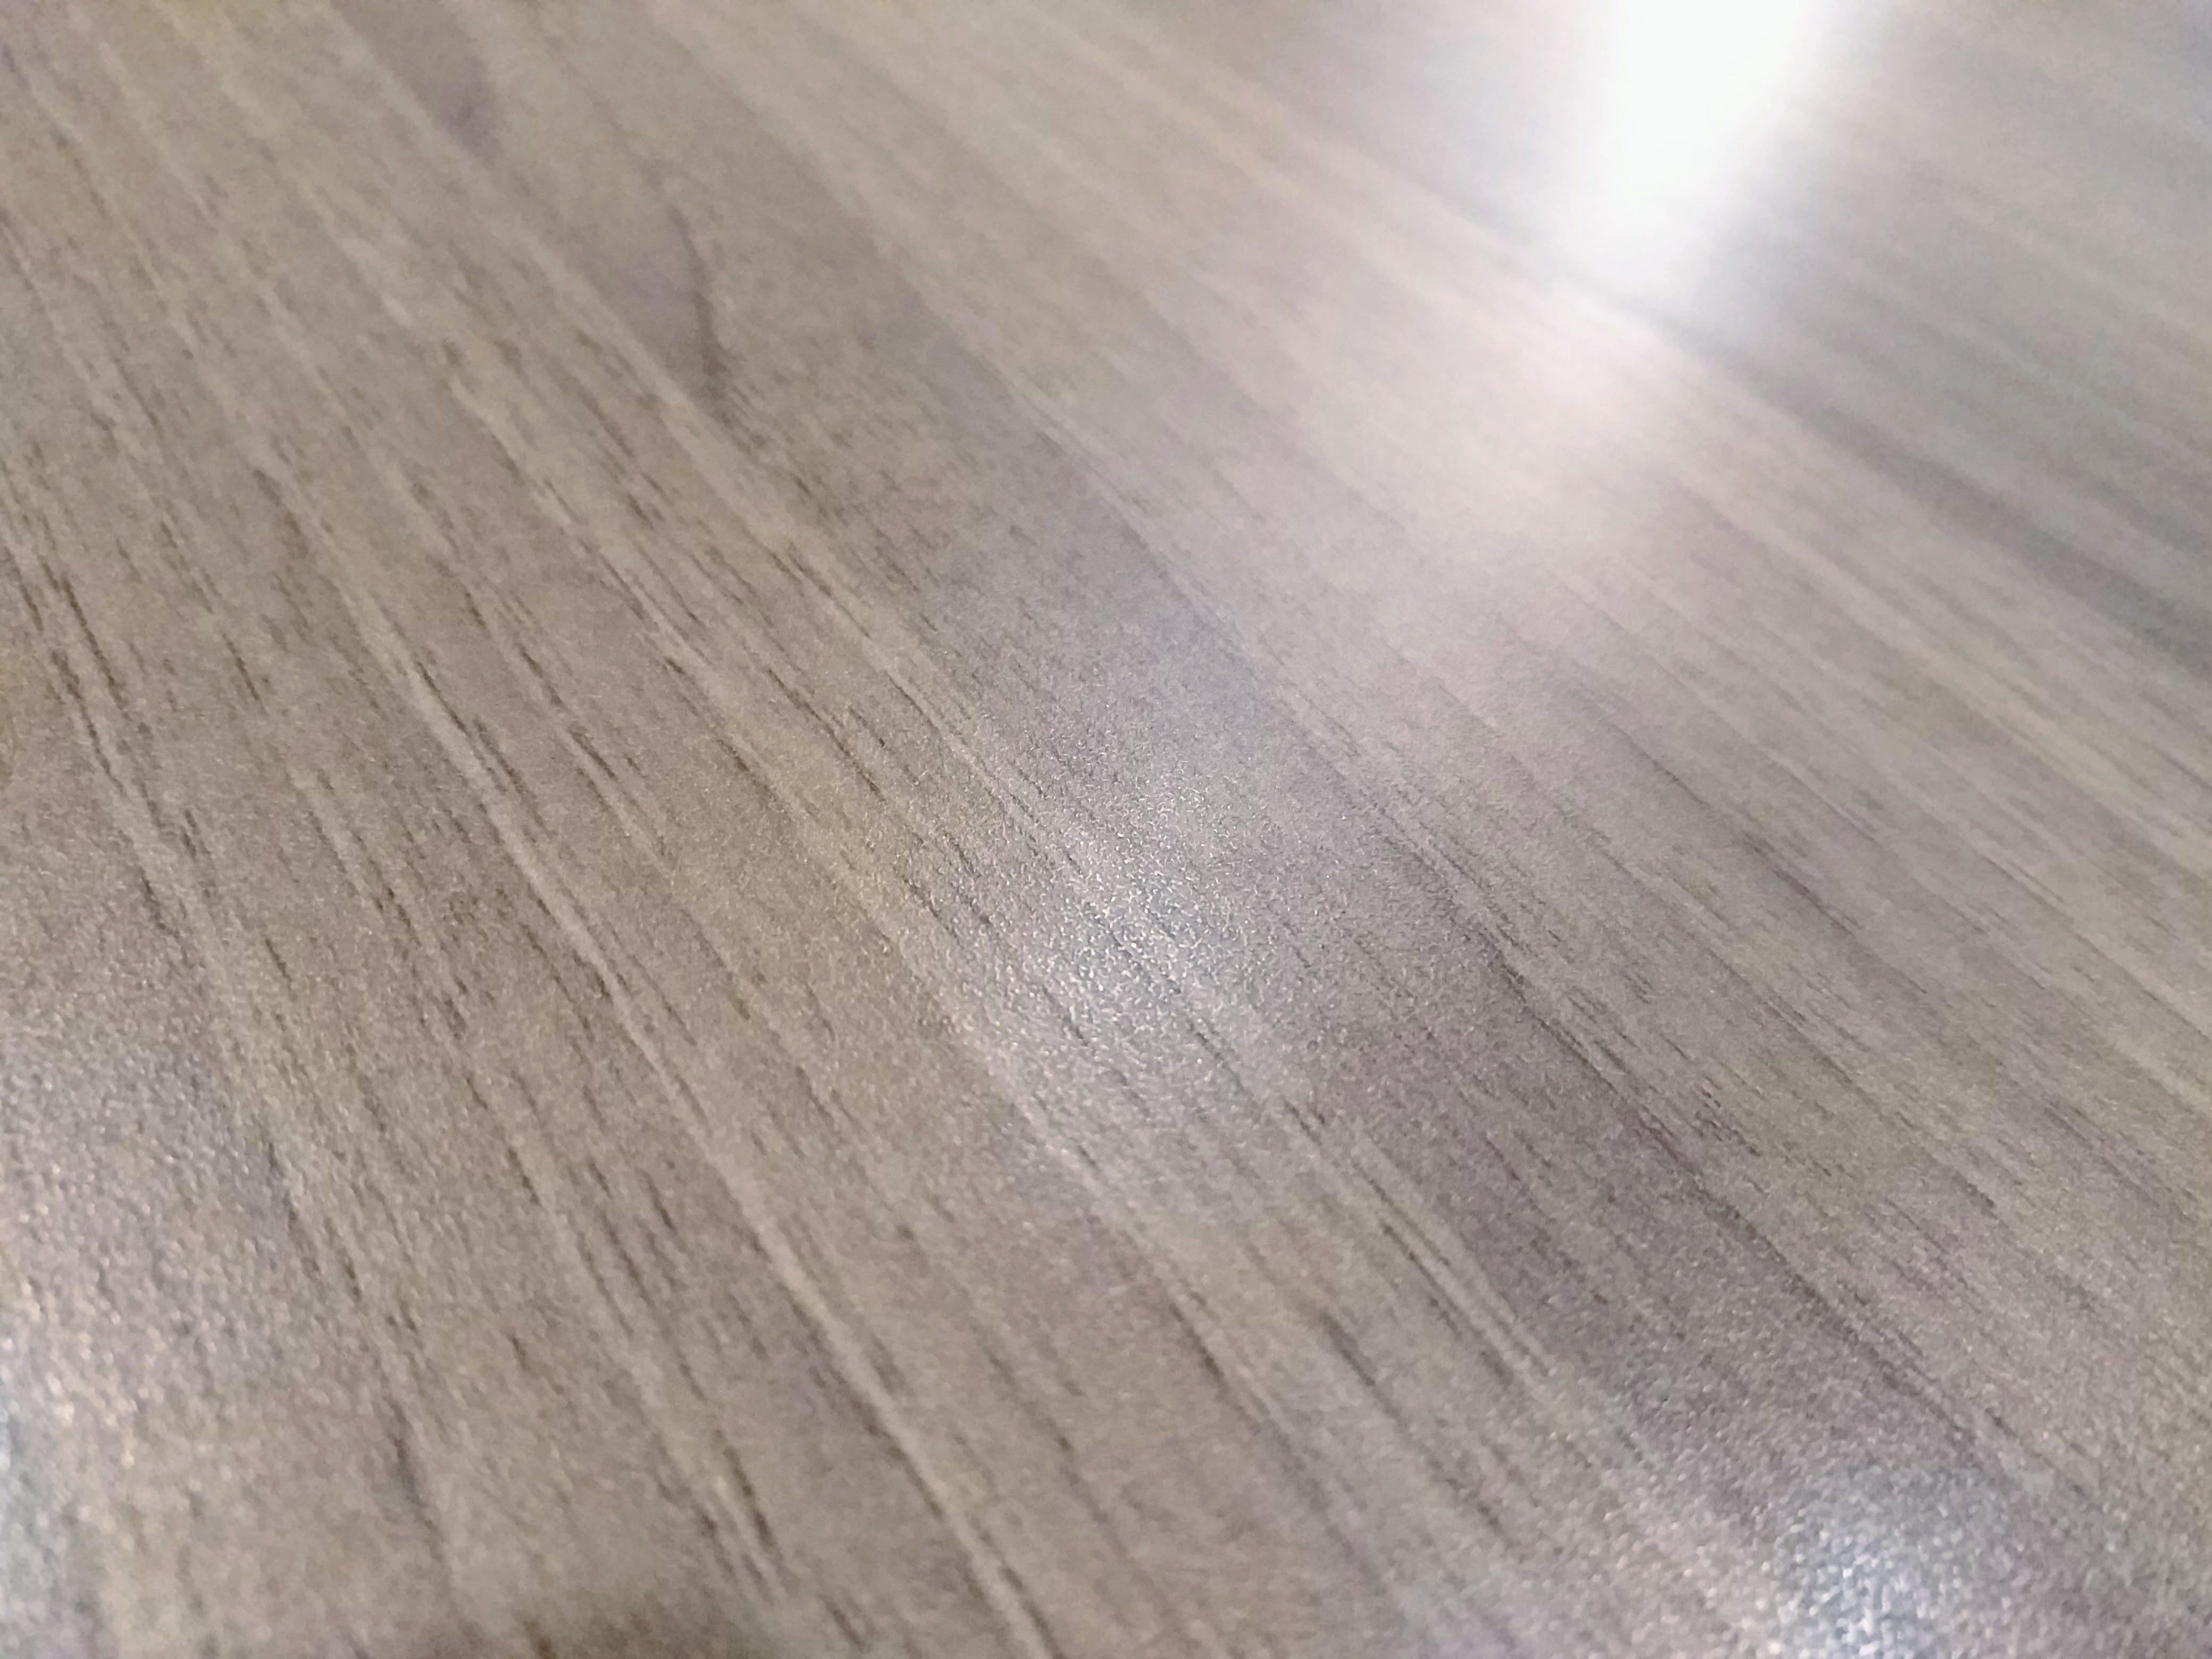 Free stock photo of floor, glare, sunlight, table